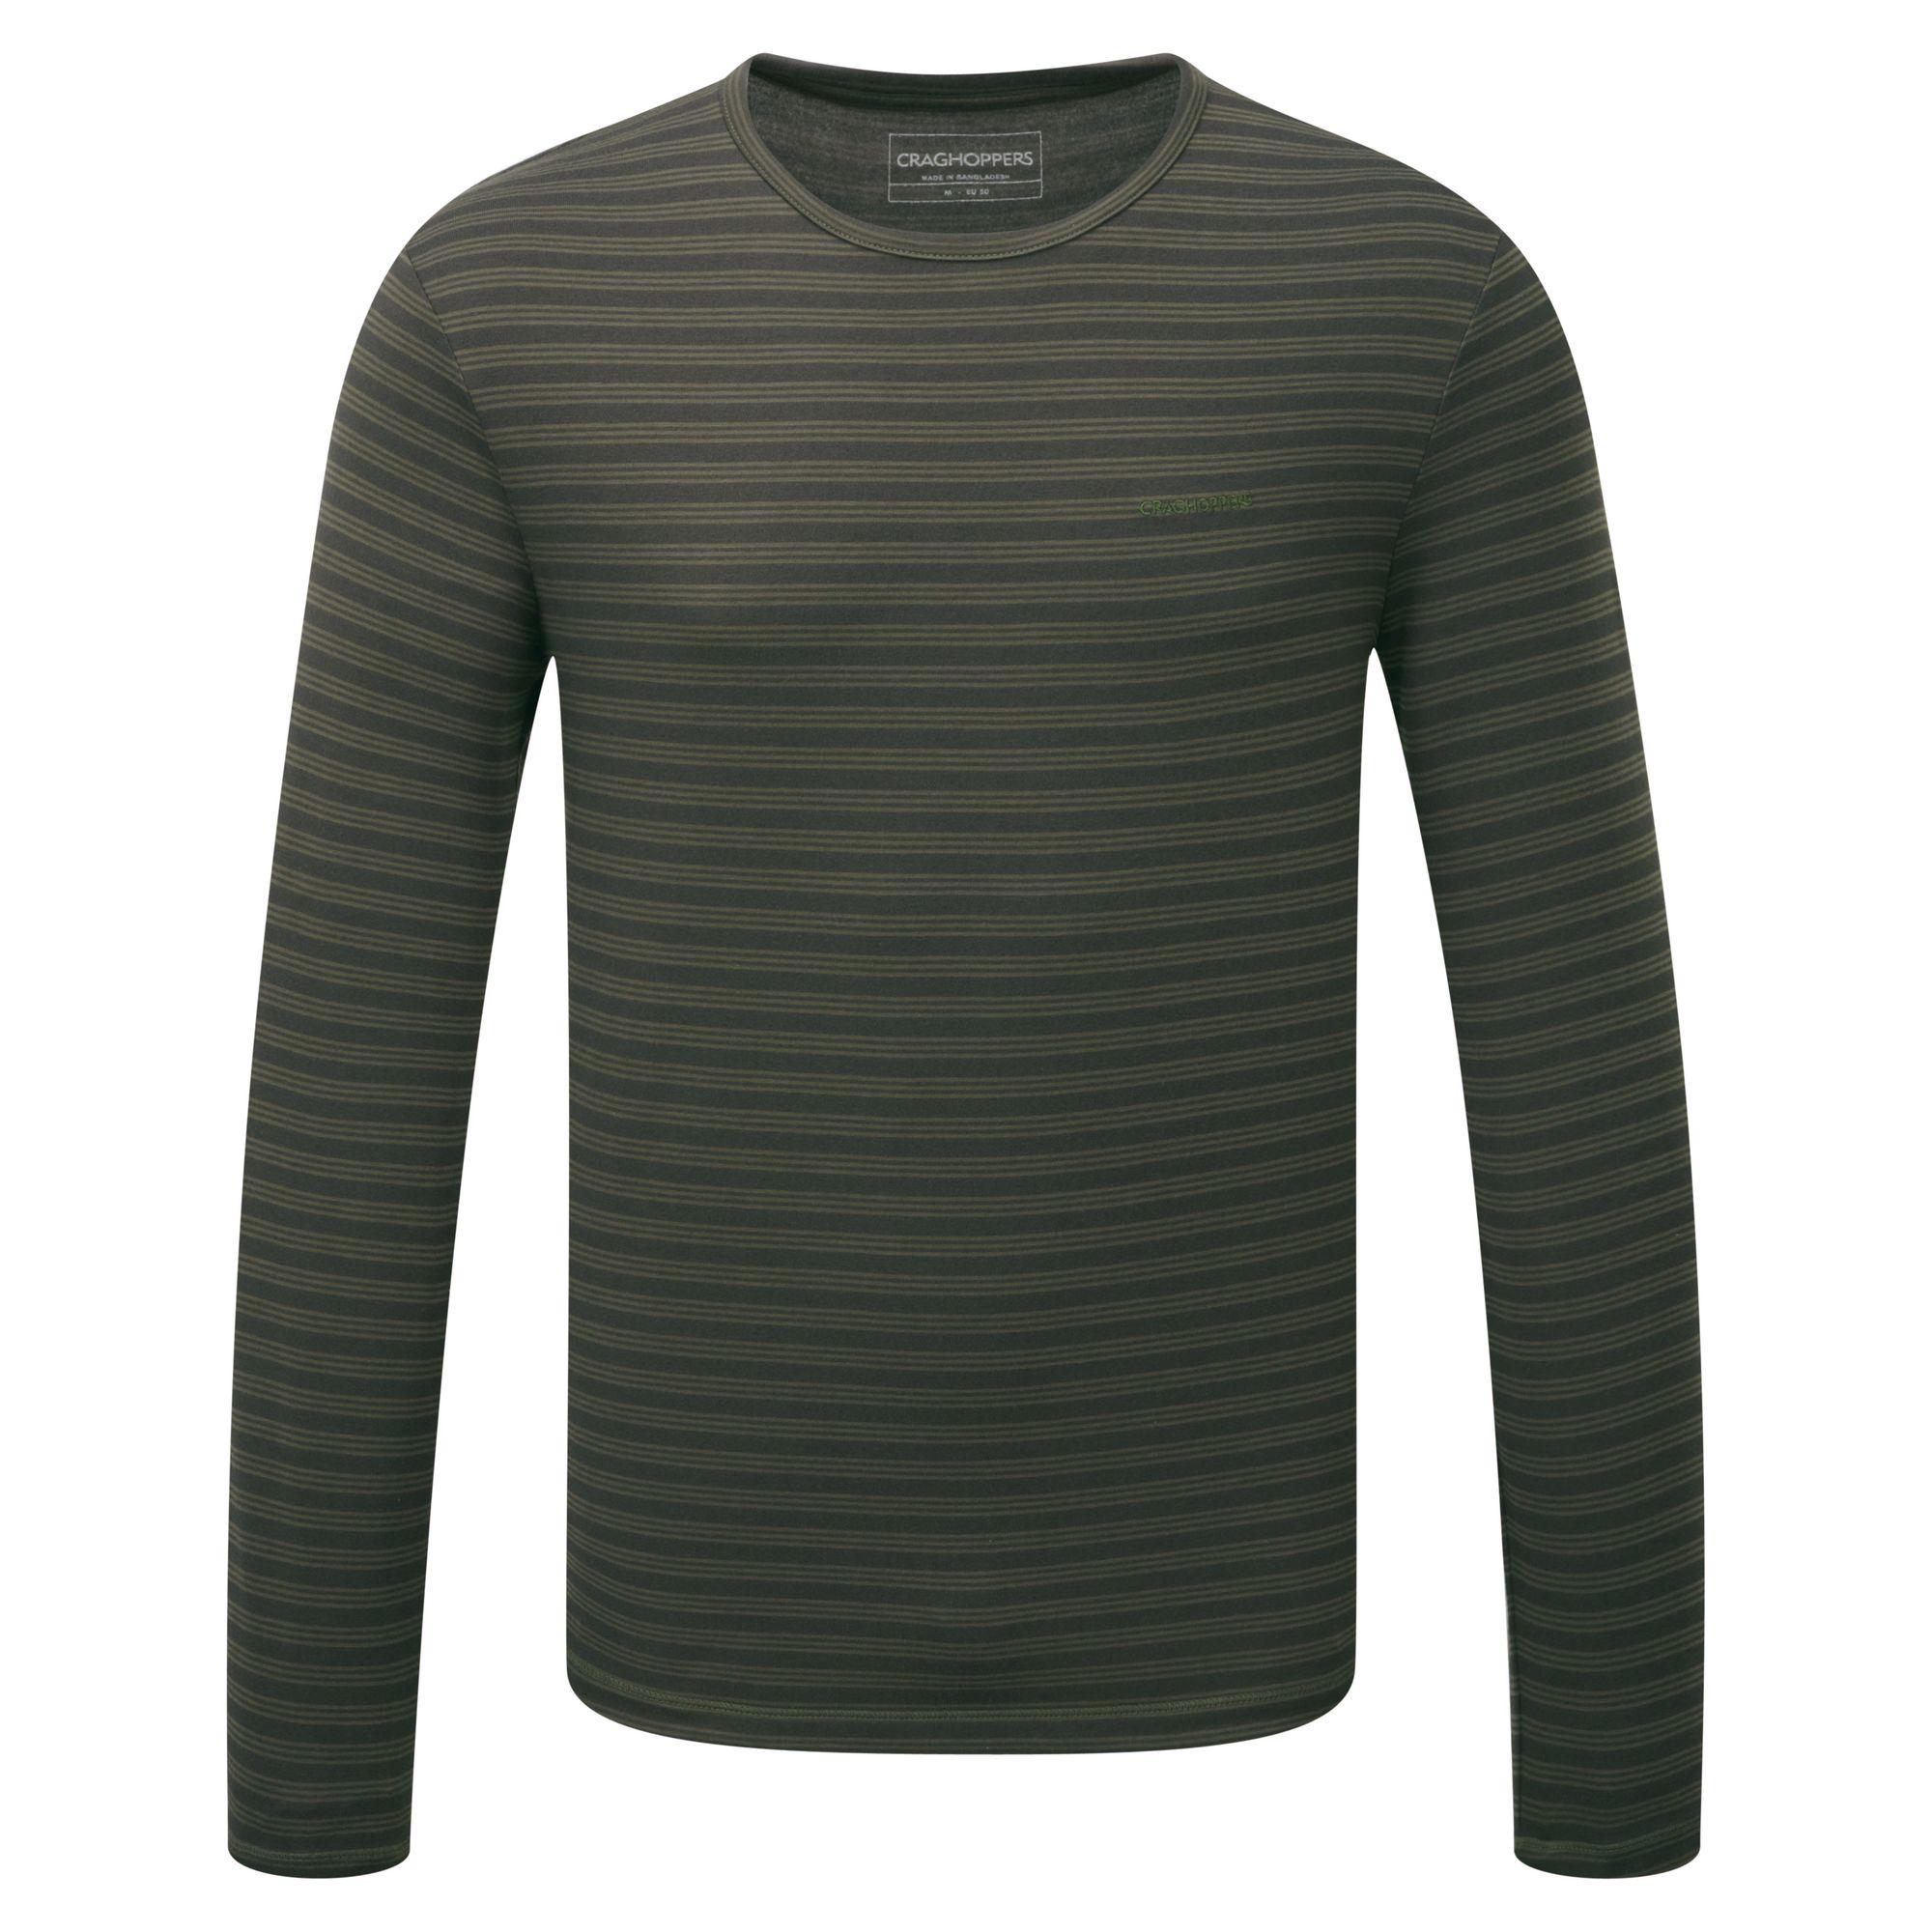 Craghoppers-Camiseta-de-manga-larga-modelo-Bentley-para-hombre-CG226